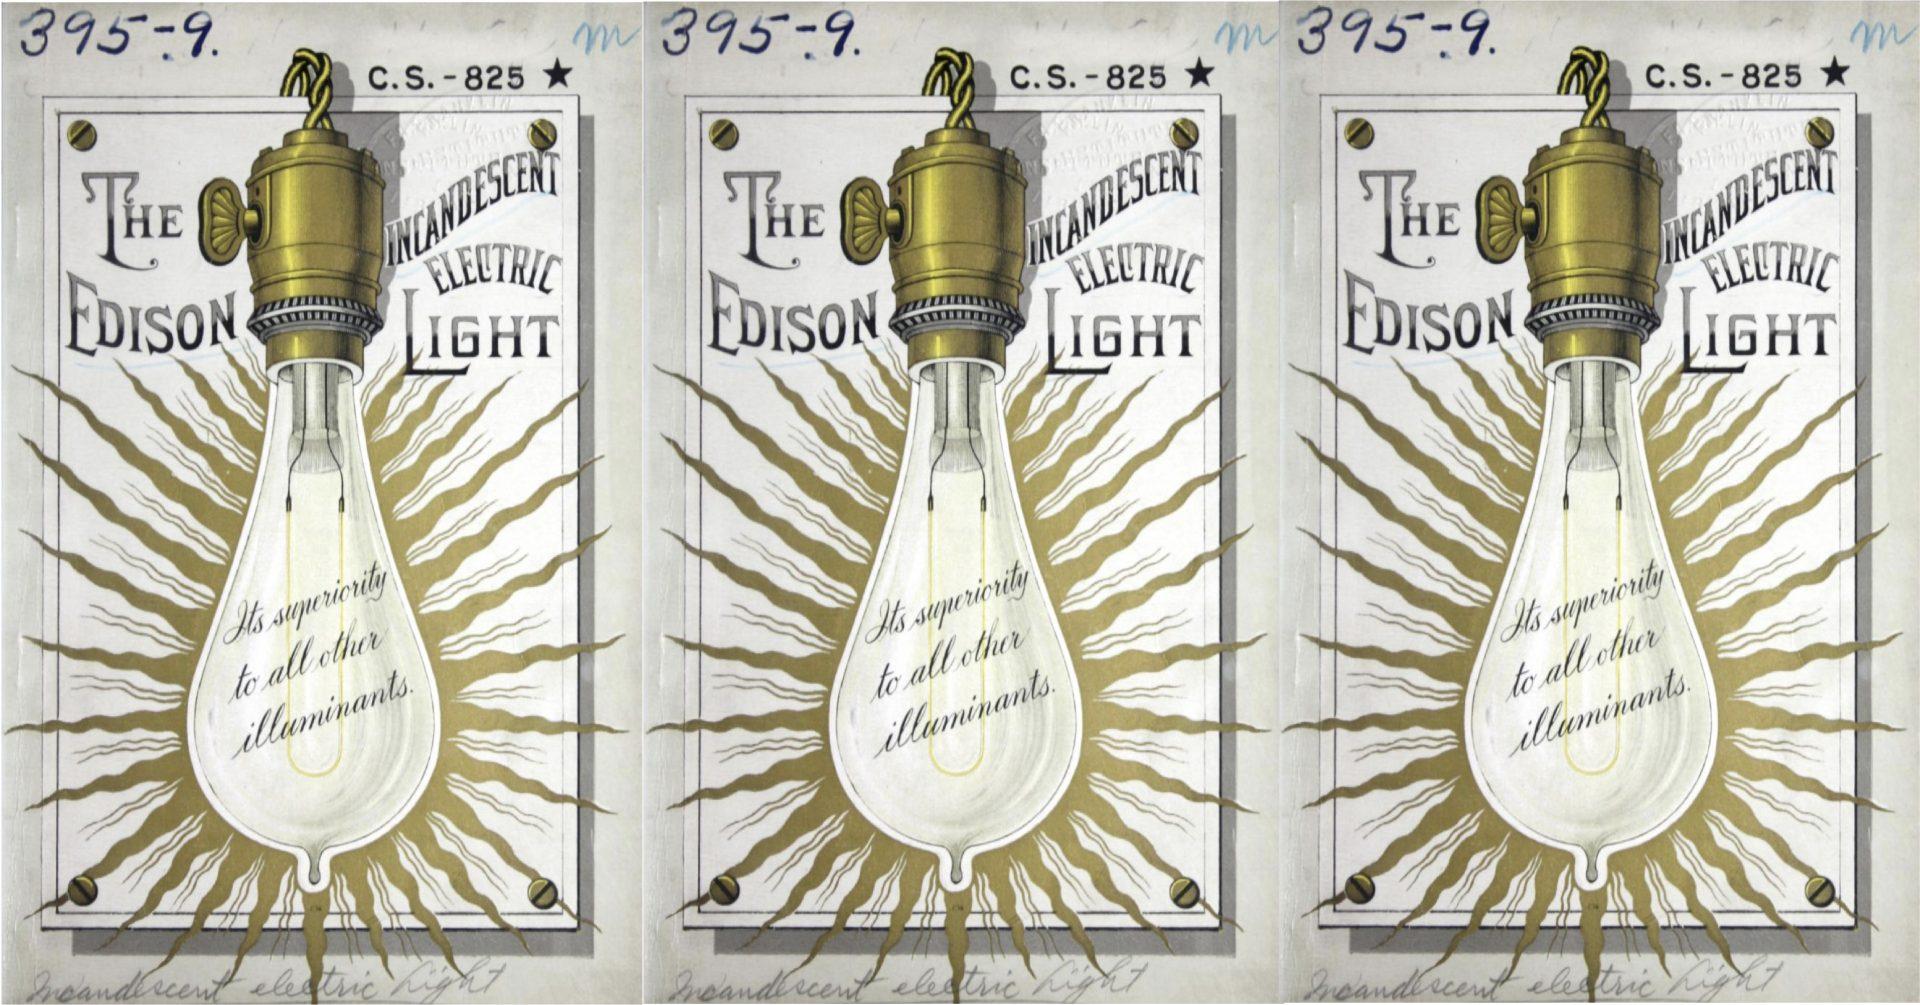 L'ampoule incandescente de Thomas Edison. L'histoire de l'éclairage